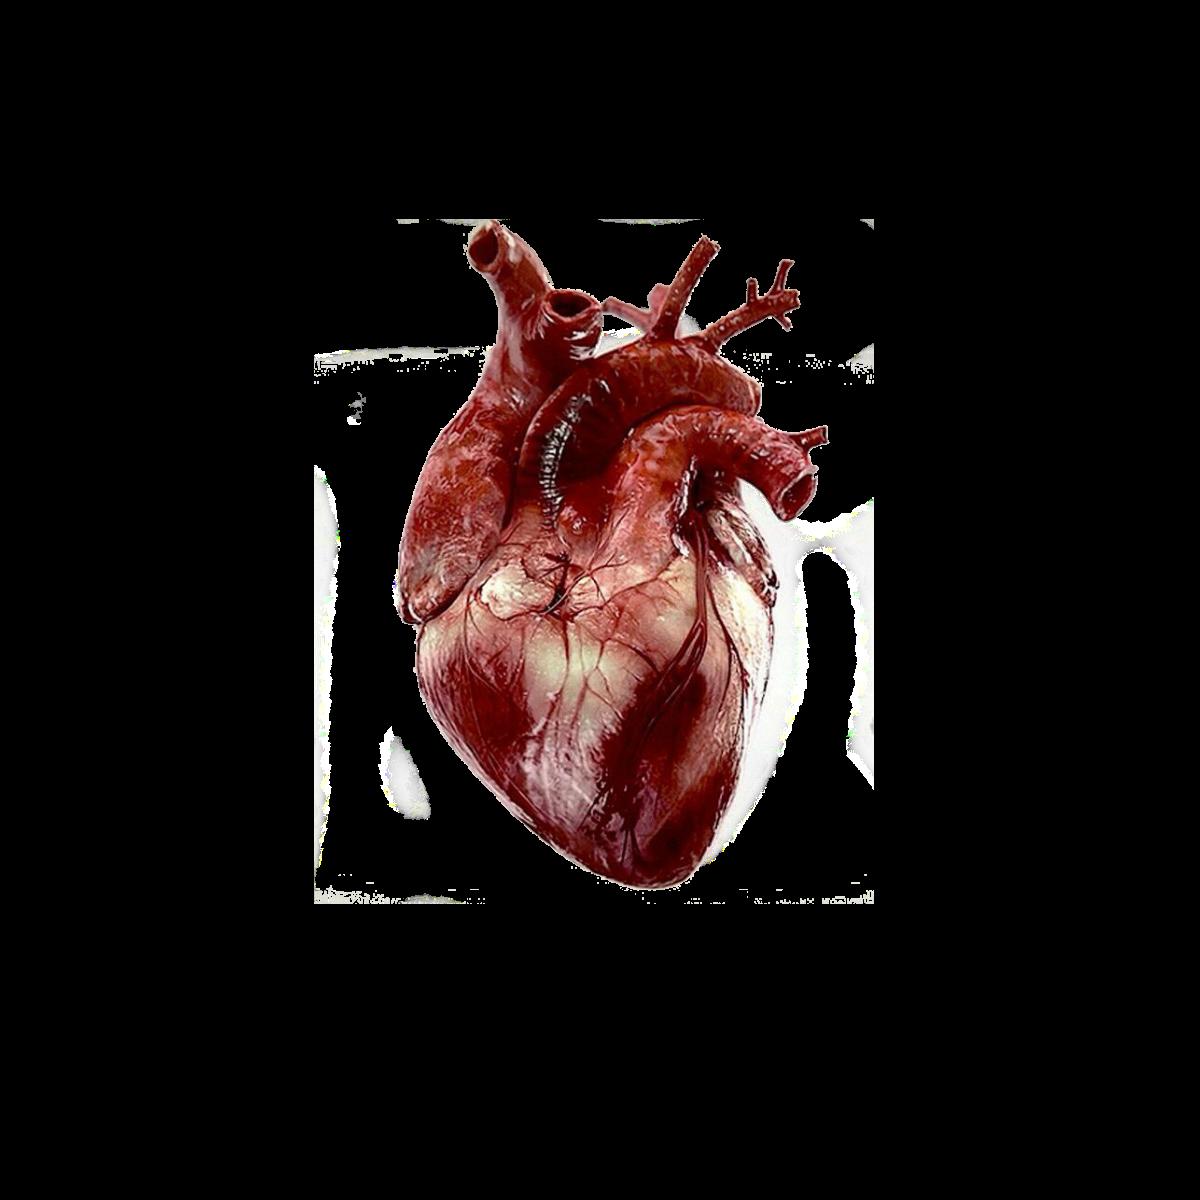 сбербанке появилась картинки неровных сердец этом вопросе преимущество